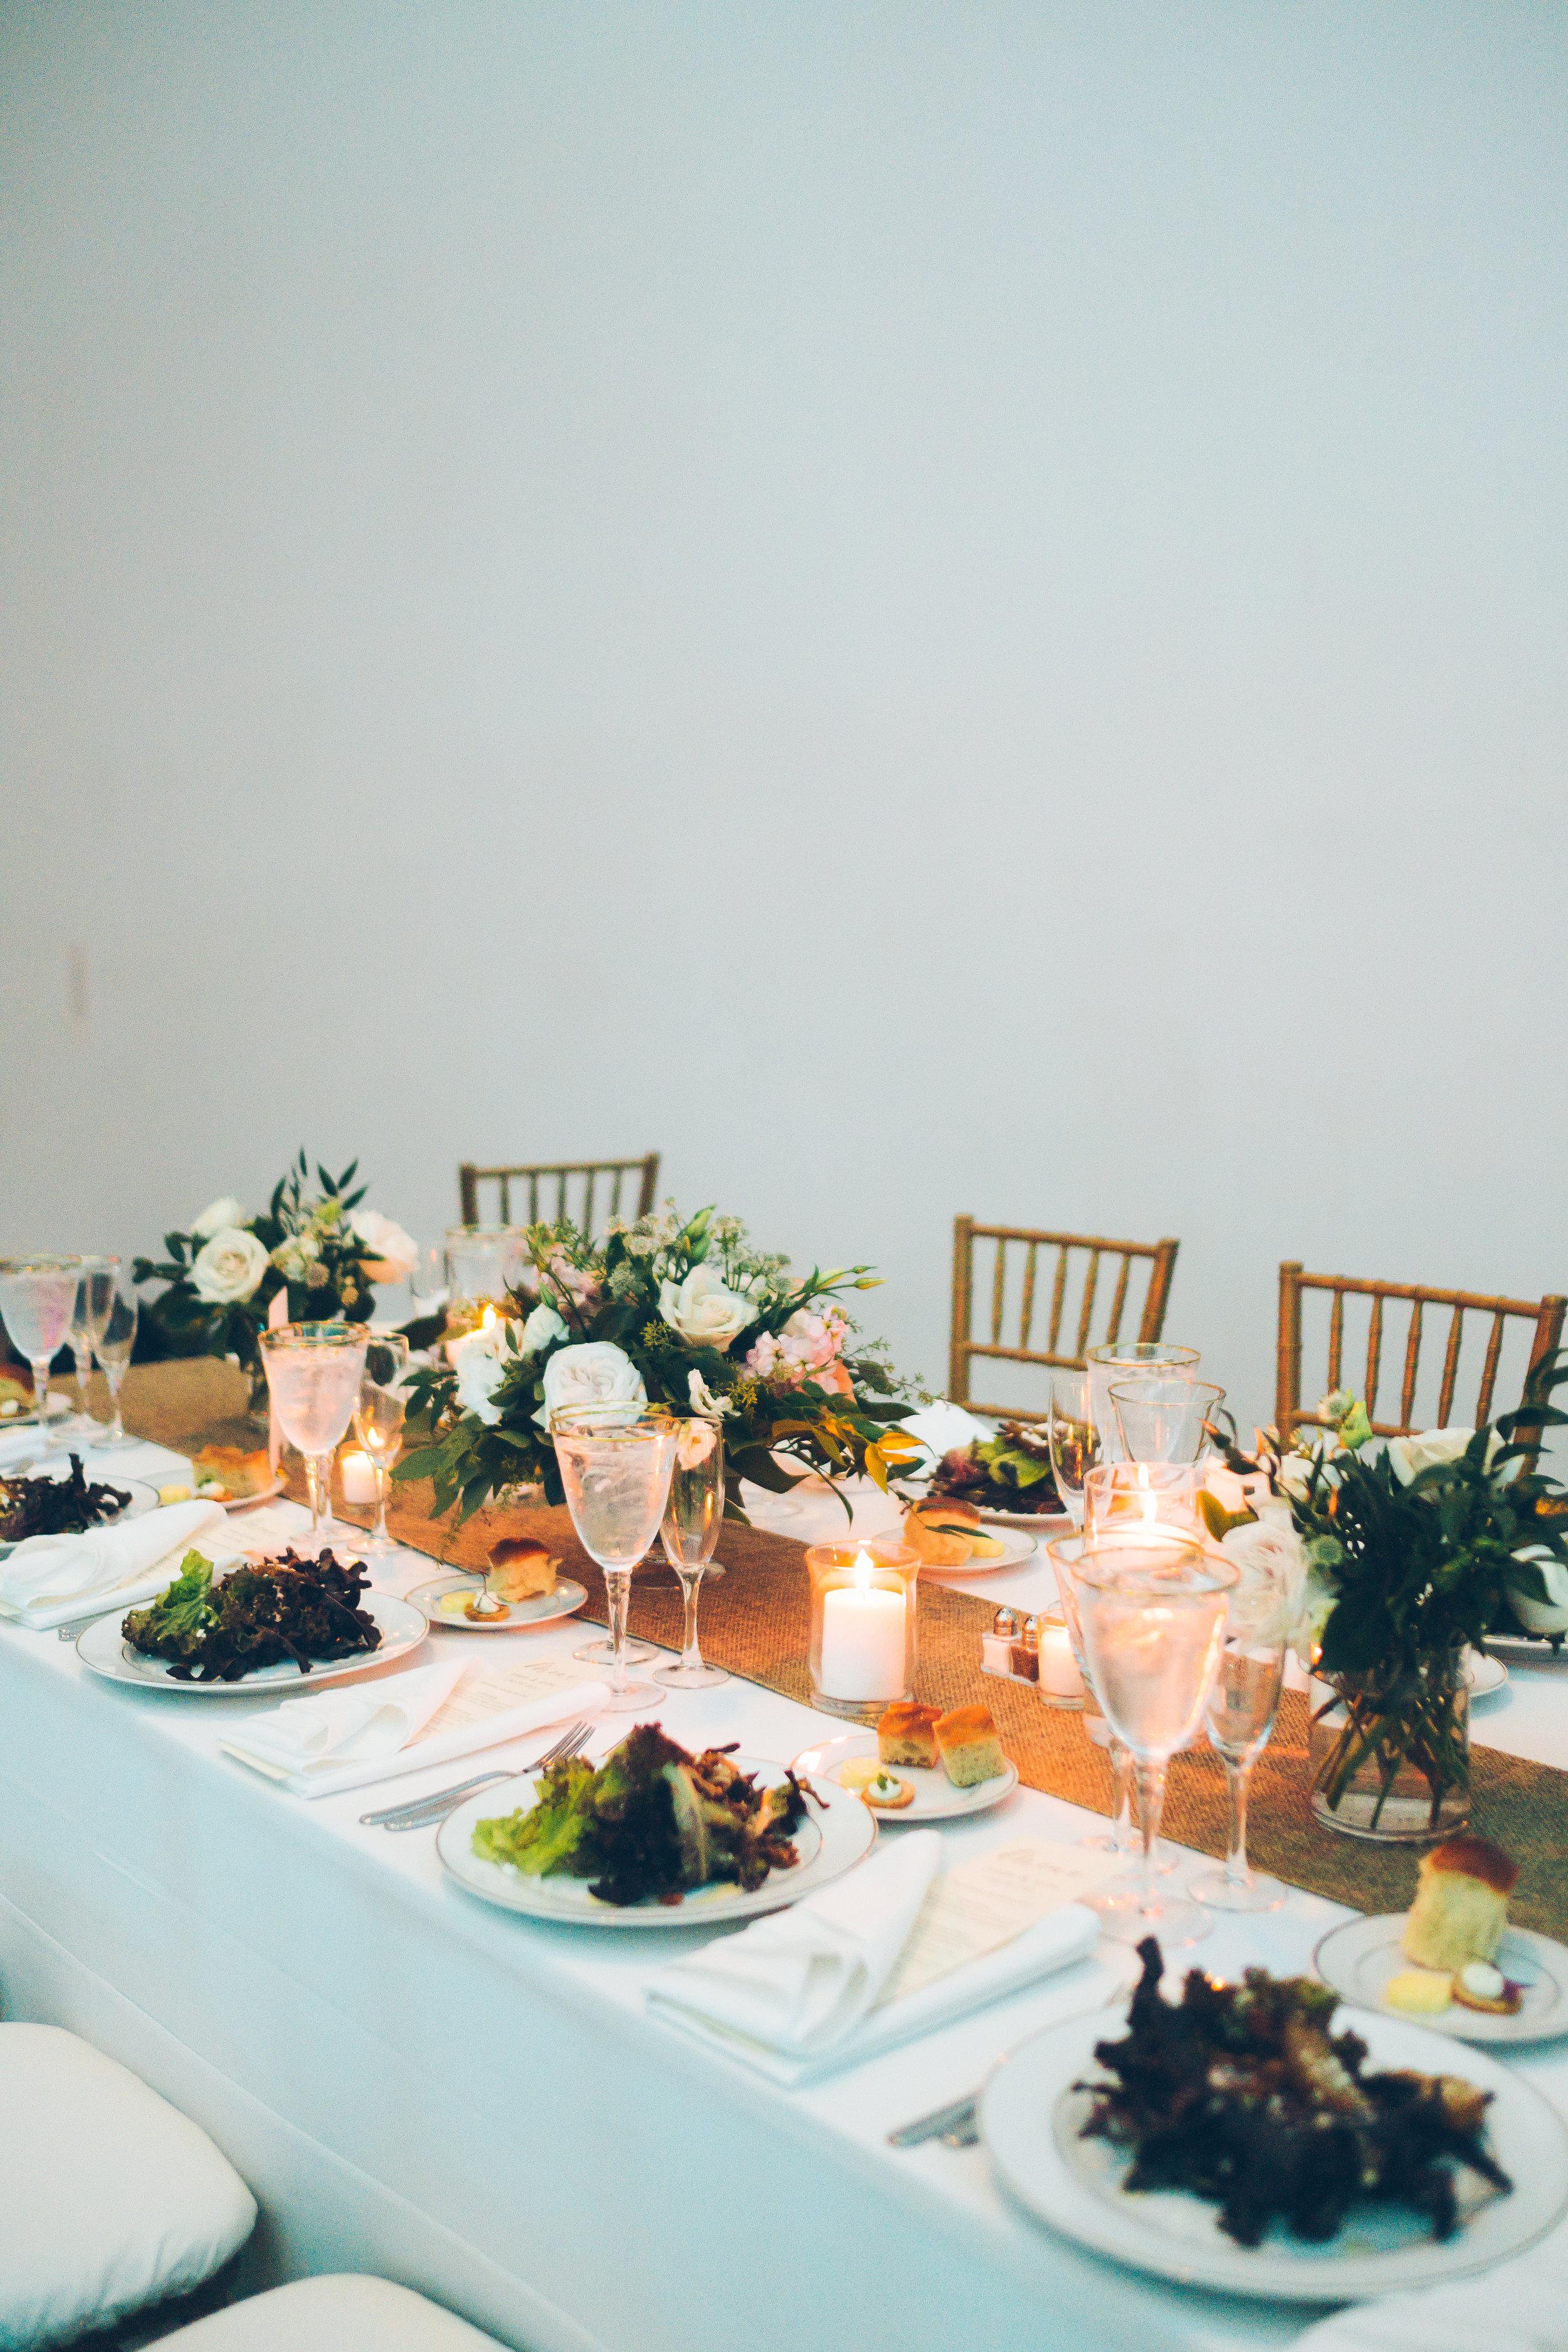 JUDITH-IRVING-NYC-WEDDING-DETAILS-CYNTHIACHUNG-0106.jpg